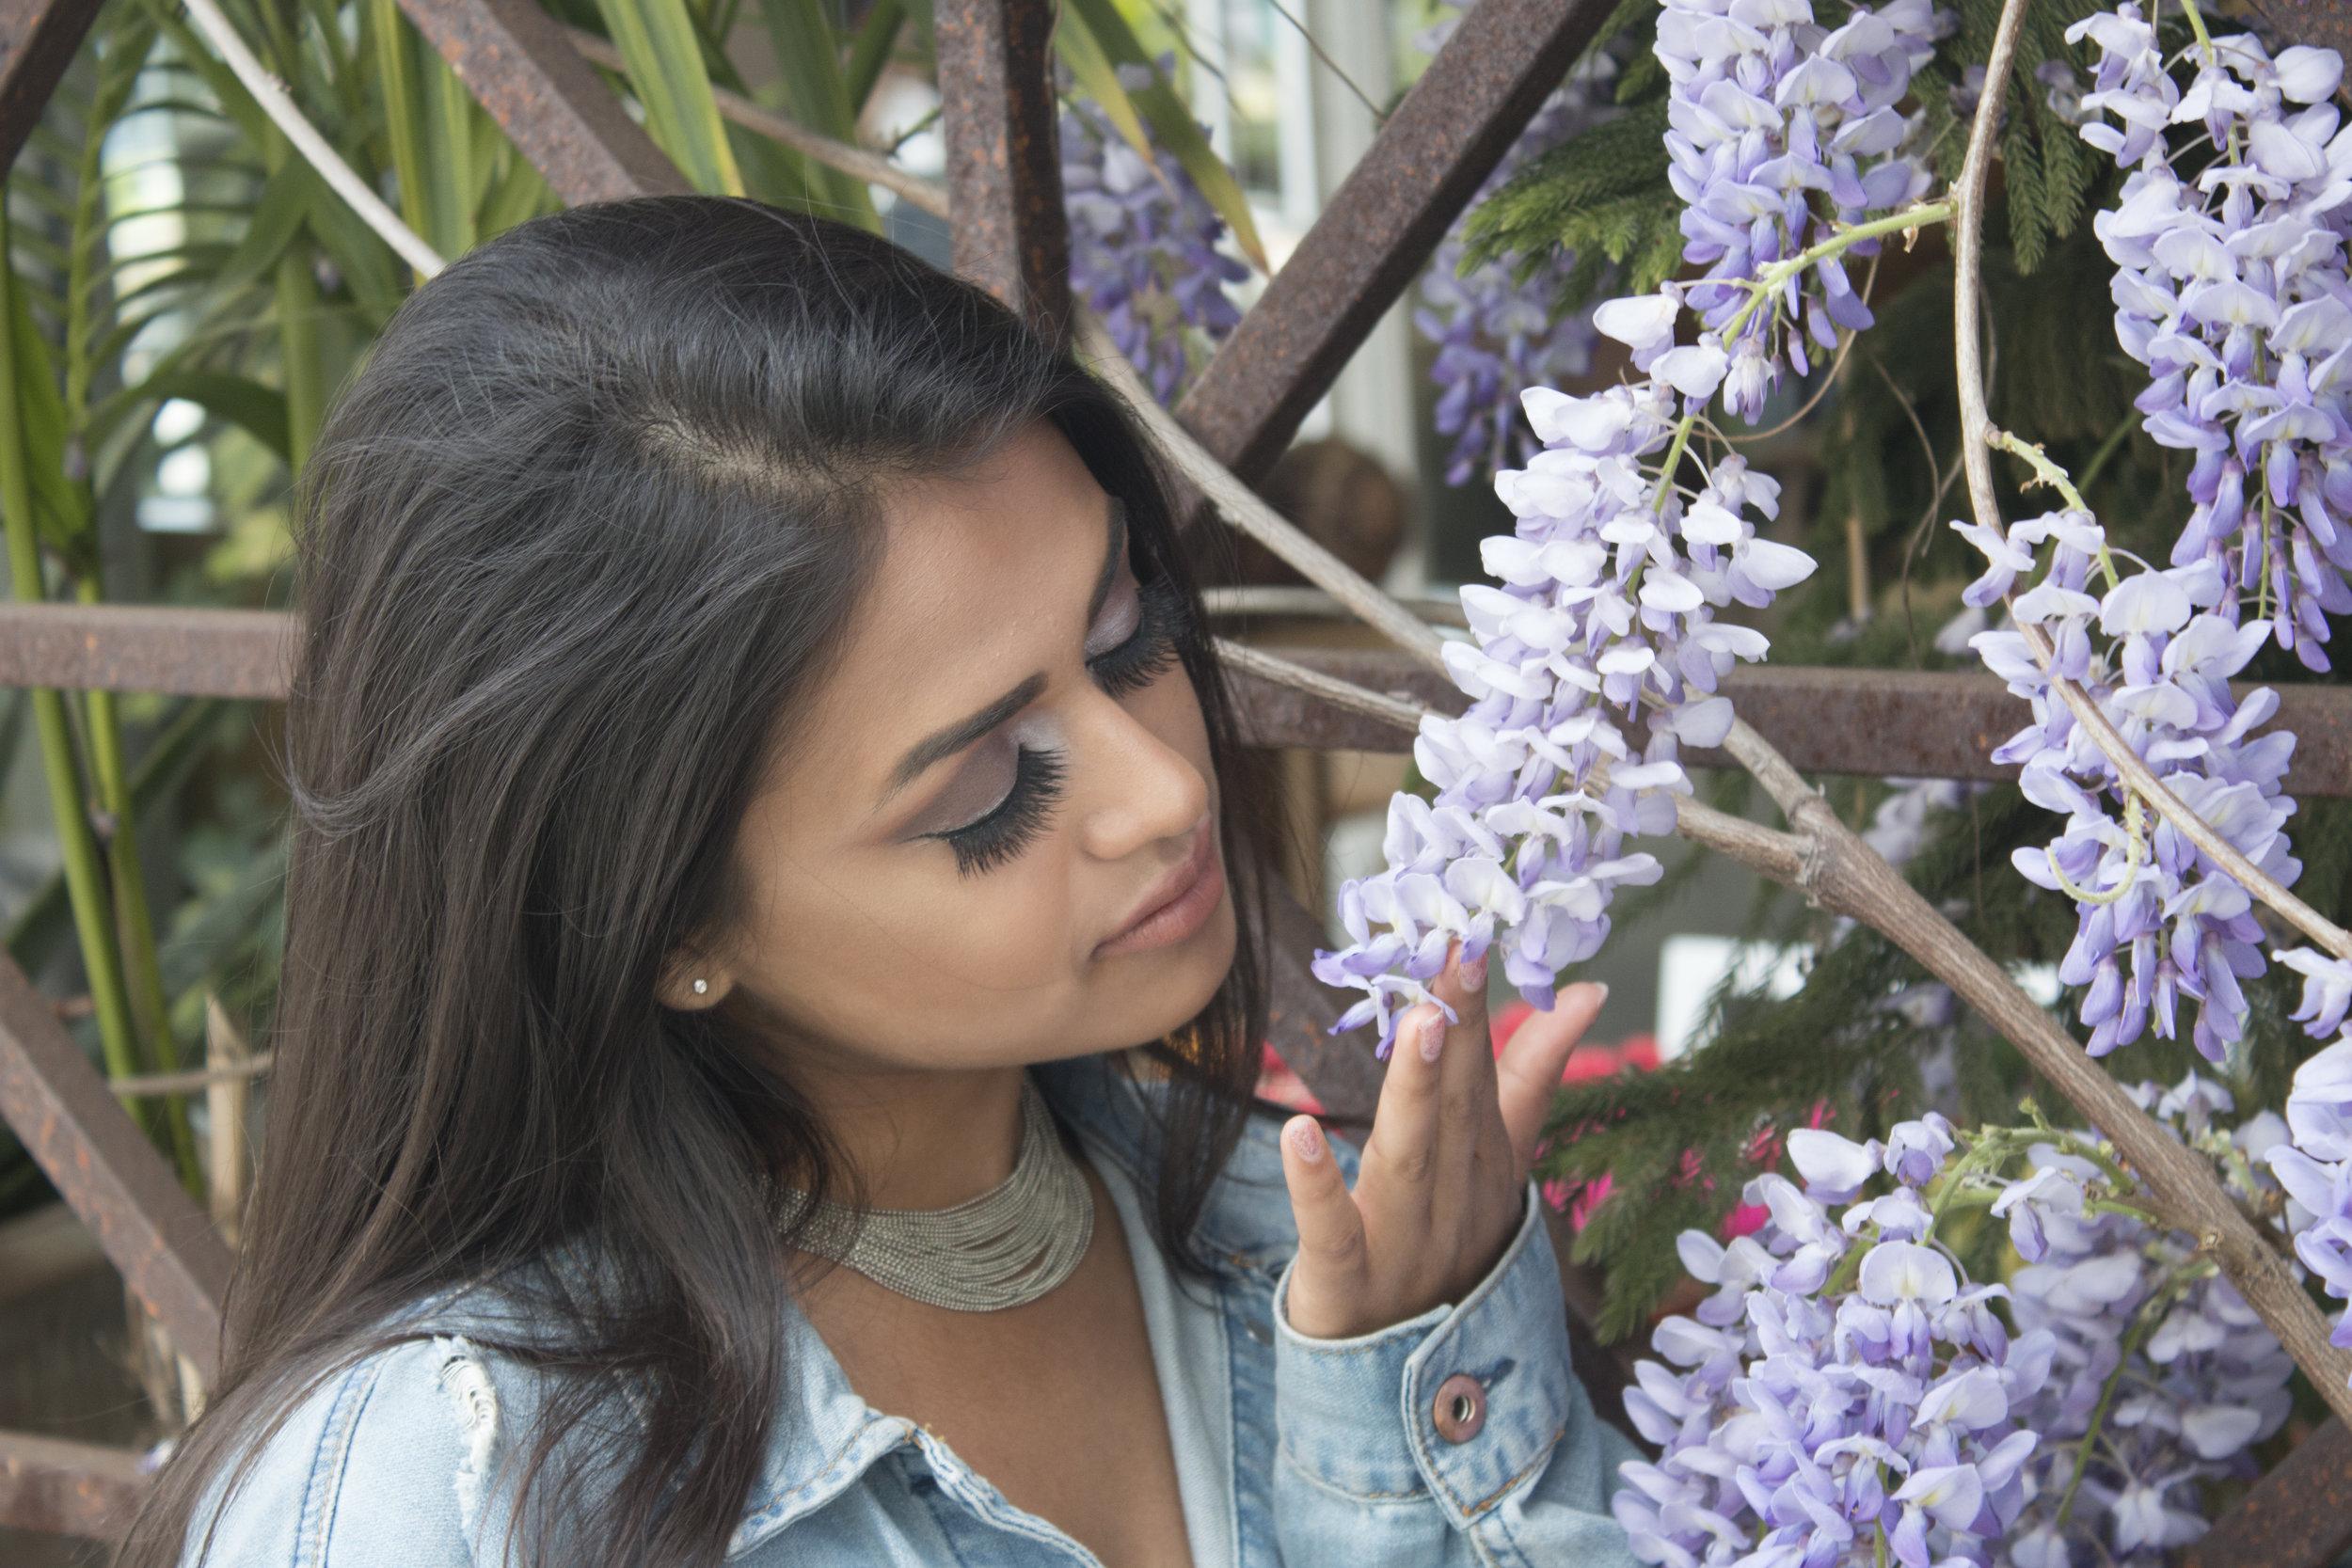 suesmellingflowers2.jpg